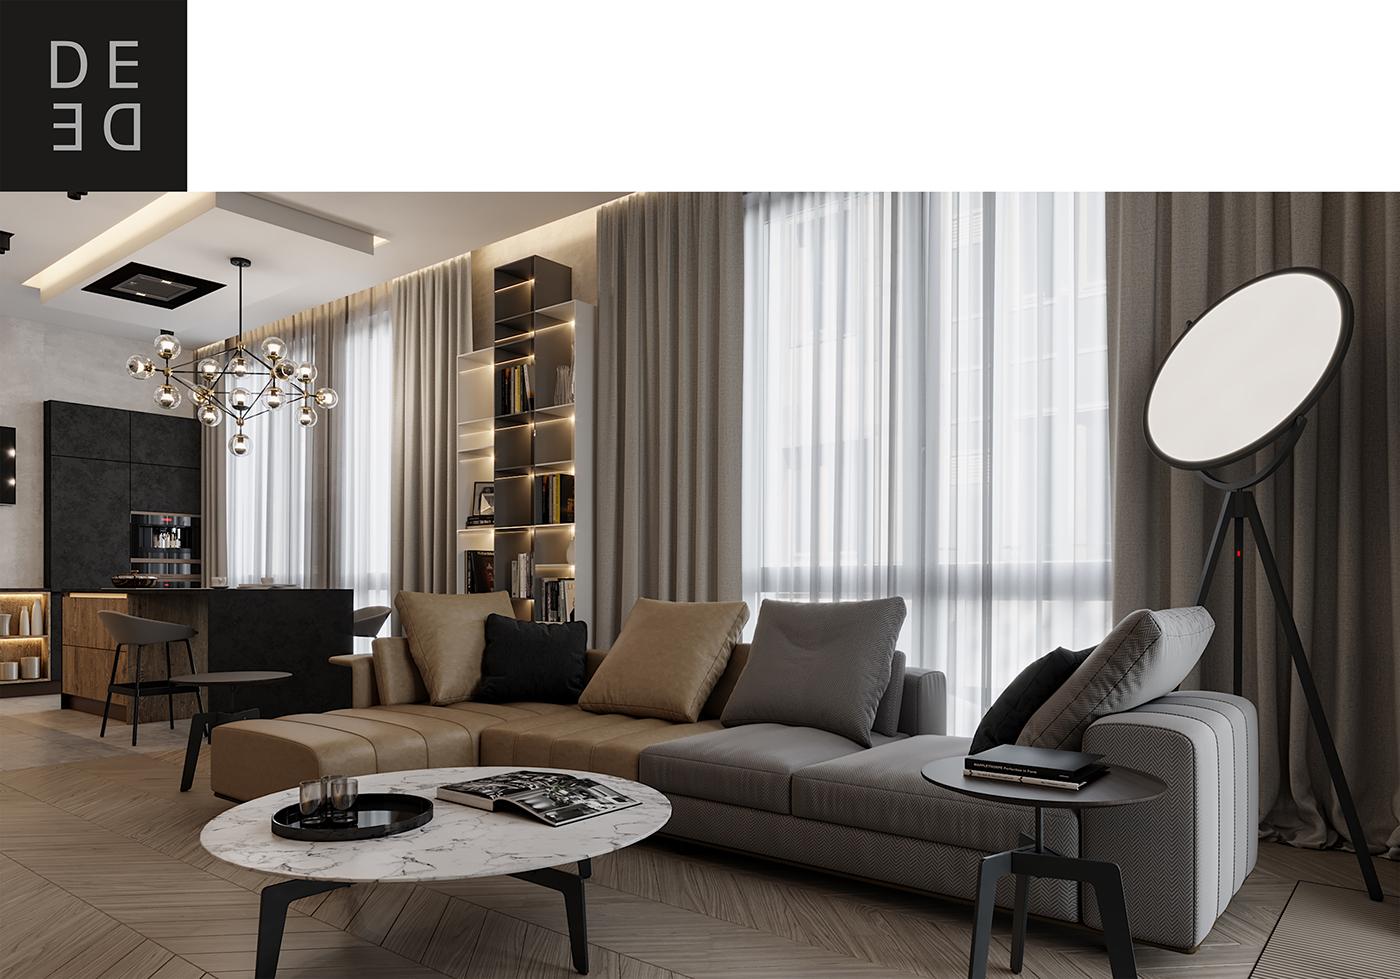 Interior design interiordesign Minimalism modern DE&DE Interior Studio interior designer CoronaRender  3ds max photoshop